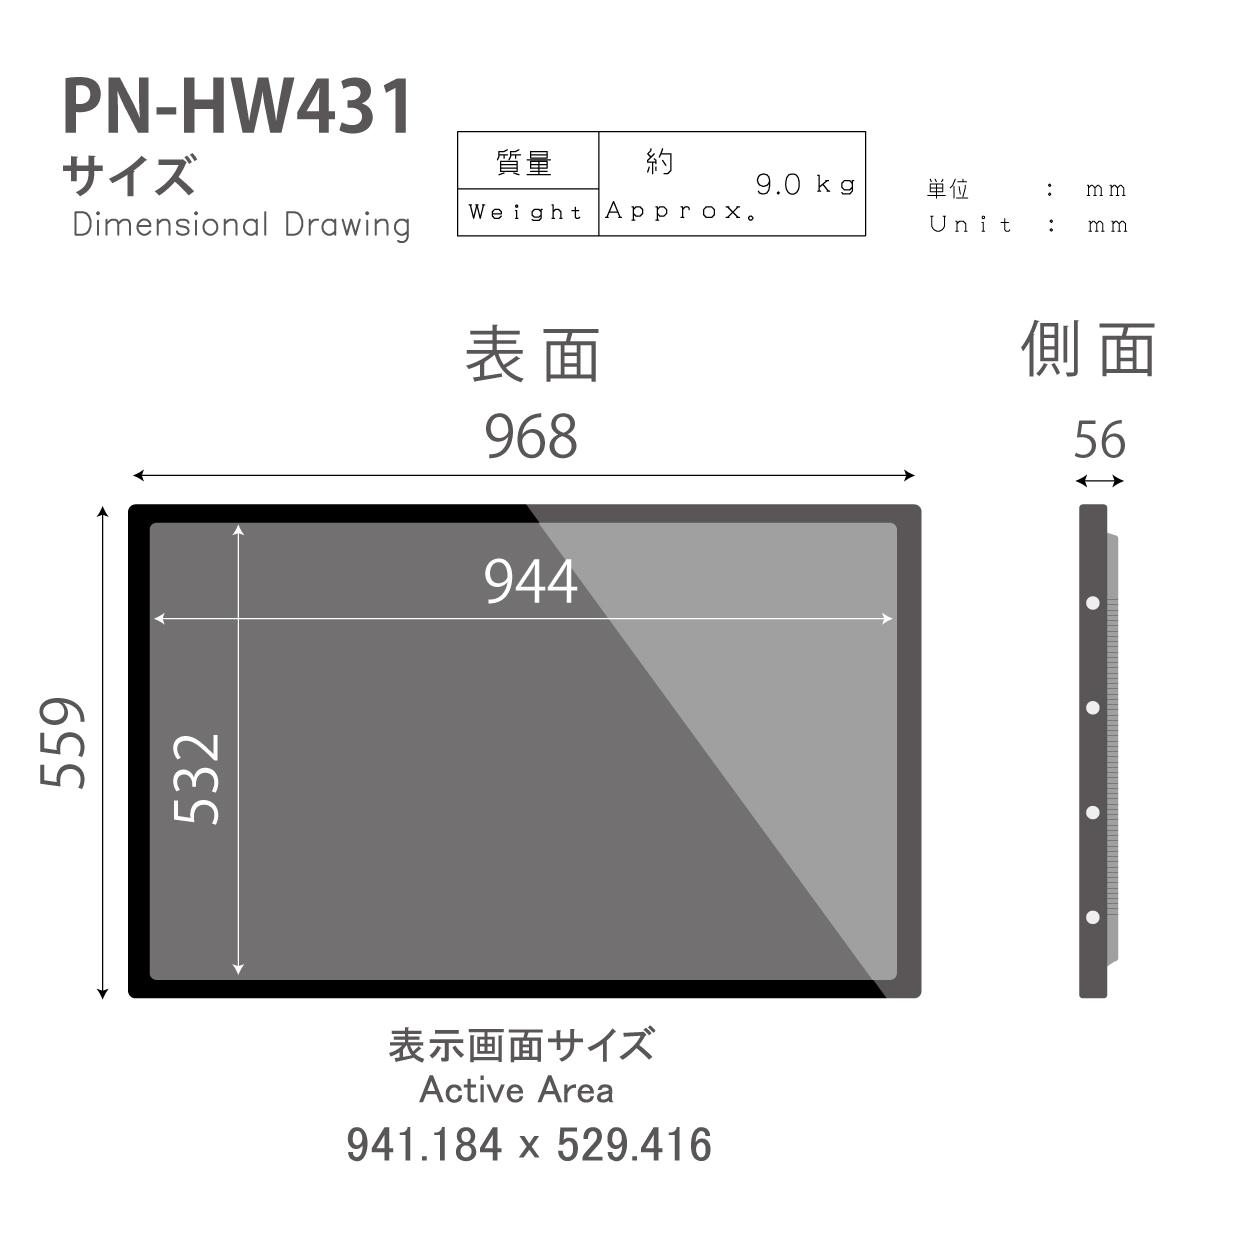 【メーカー欠品予約受付中】【メーカー欠品予約受付中】【シャープ】デジタルサイネージ PN-HW431 43インチタイプ